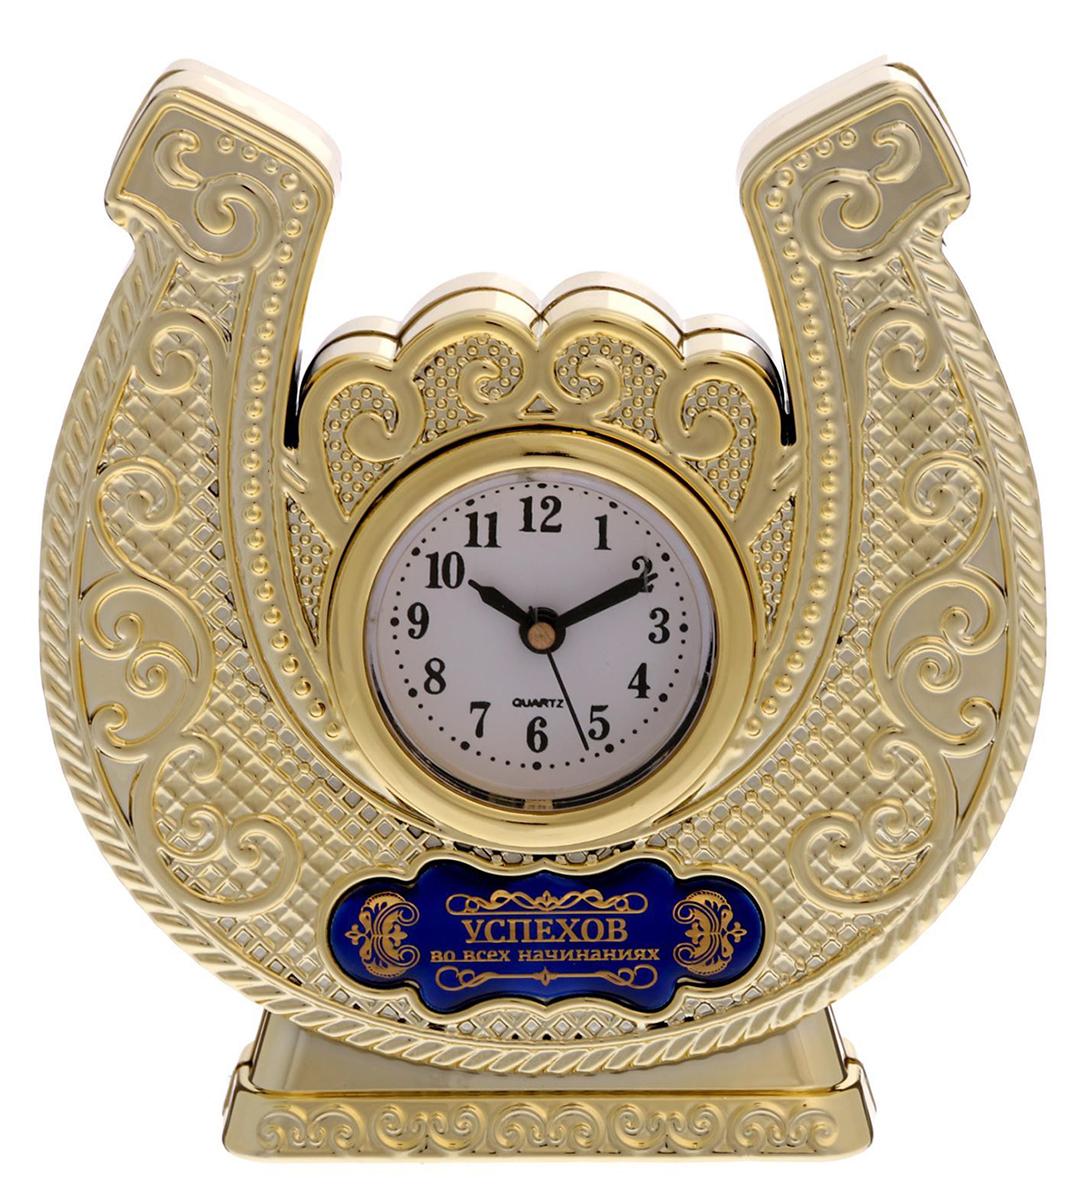 Часы настольные Успехов, 11,6 х 12,2 см. 16929081692908Время покорять мир Эти часы — прекрасный подарок 2 в 1! Они помогут правильно всё спланировать, а подкова принесёт удачу в делах и начинаниях. Фигурная статуэтка украшена шильдиком с добрым пожеланием, на обратной стороне выгравирована мотивирующая надпись. Инструкция Аккуратно достаньте механизм с циферблатом из корпуса. Установите время с помощью колёсика. Вставьте механизм обратно. Часы работают от батареек AG 13. Сувенир преподносится в подарочной коробочке с прозрачным окном.